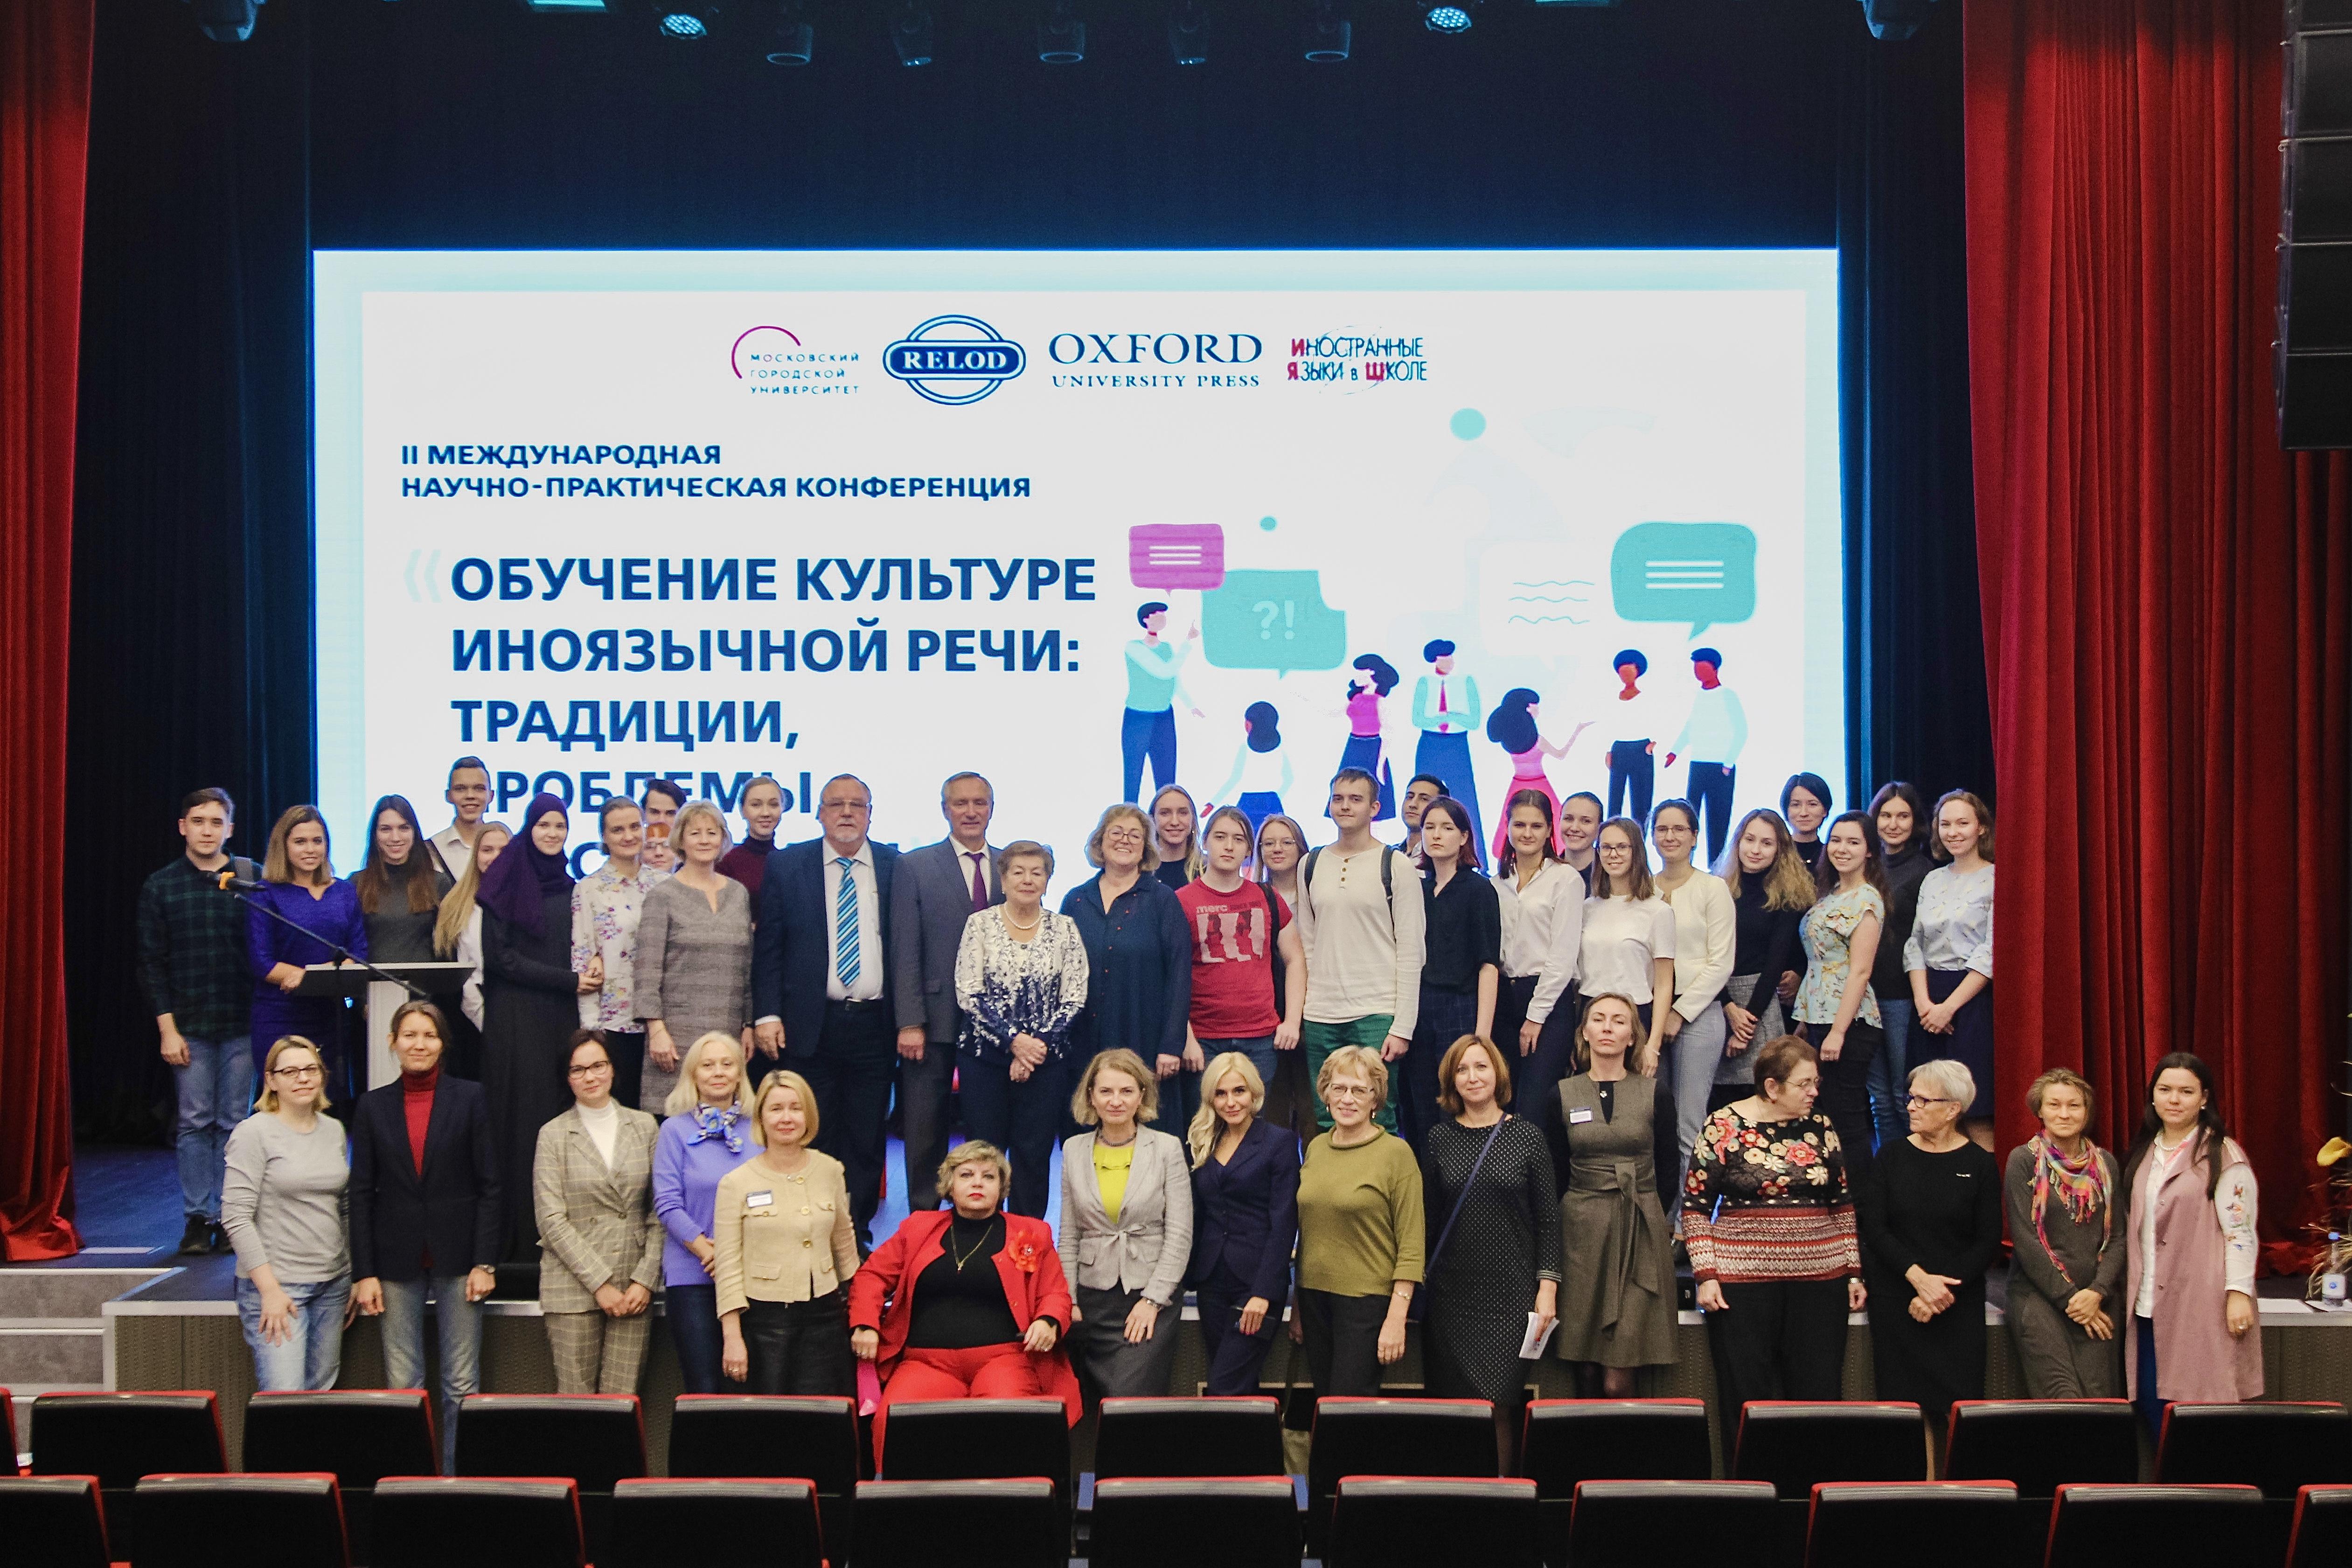 Мероприятия в рамках II Международной научно-практической конференции